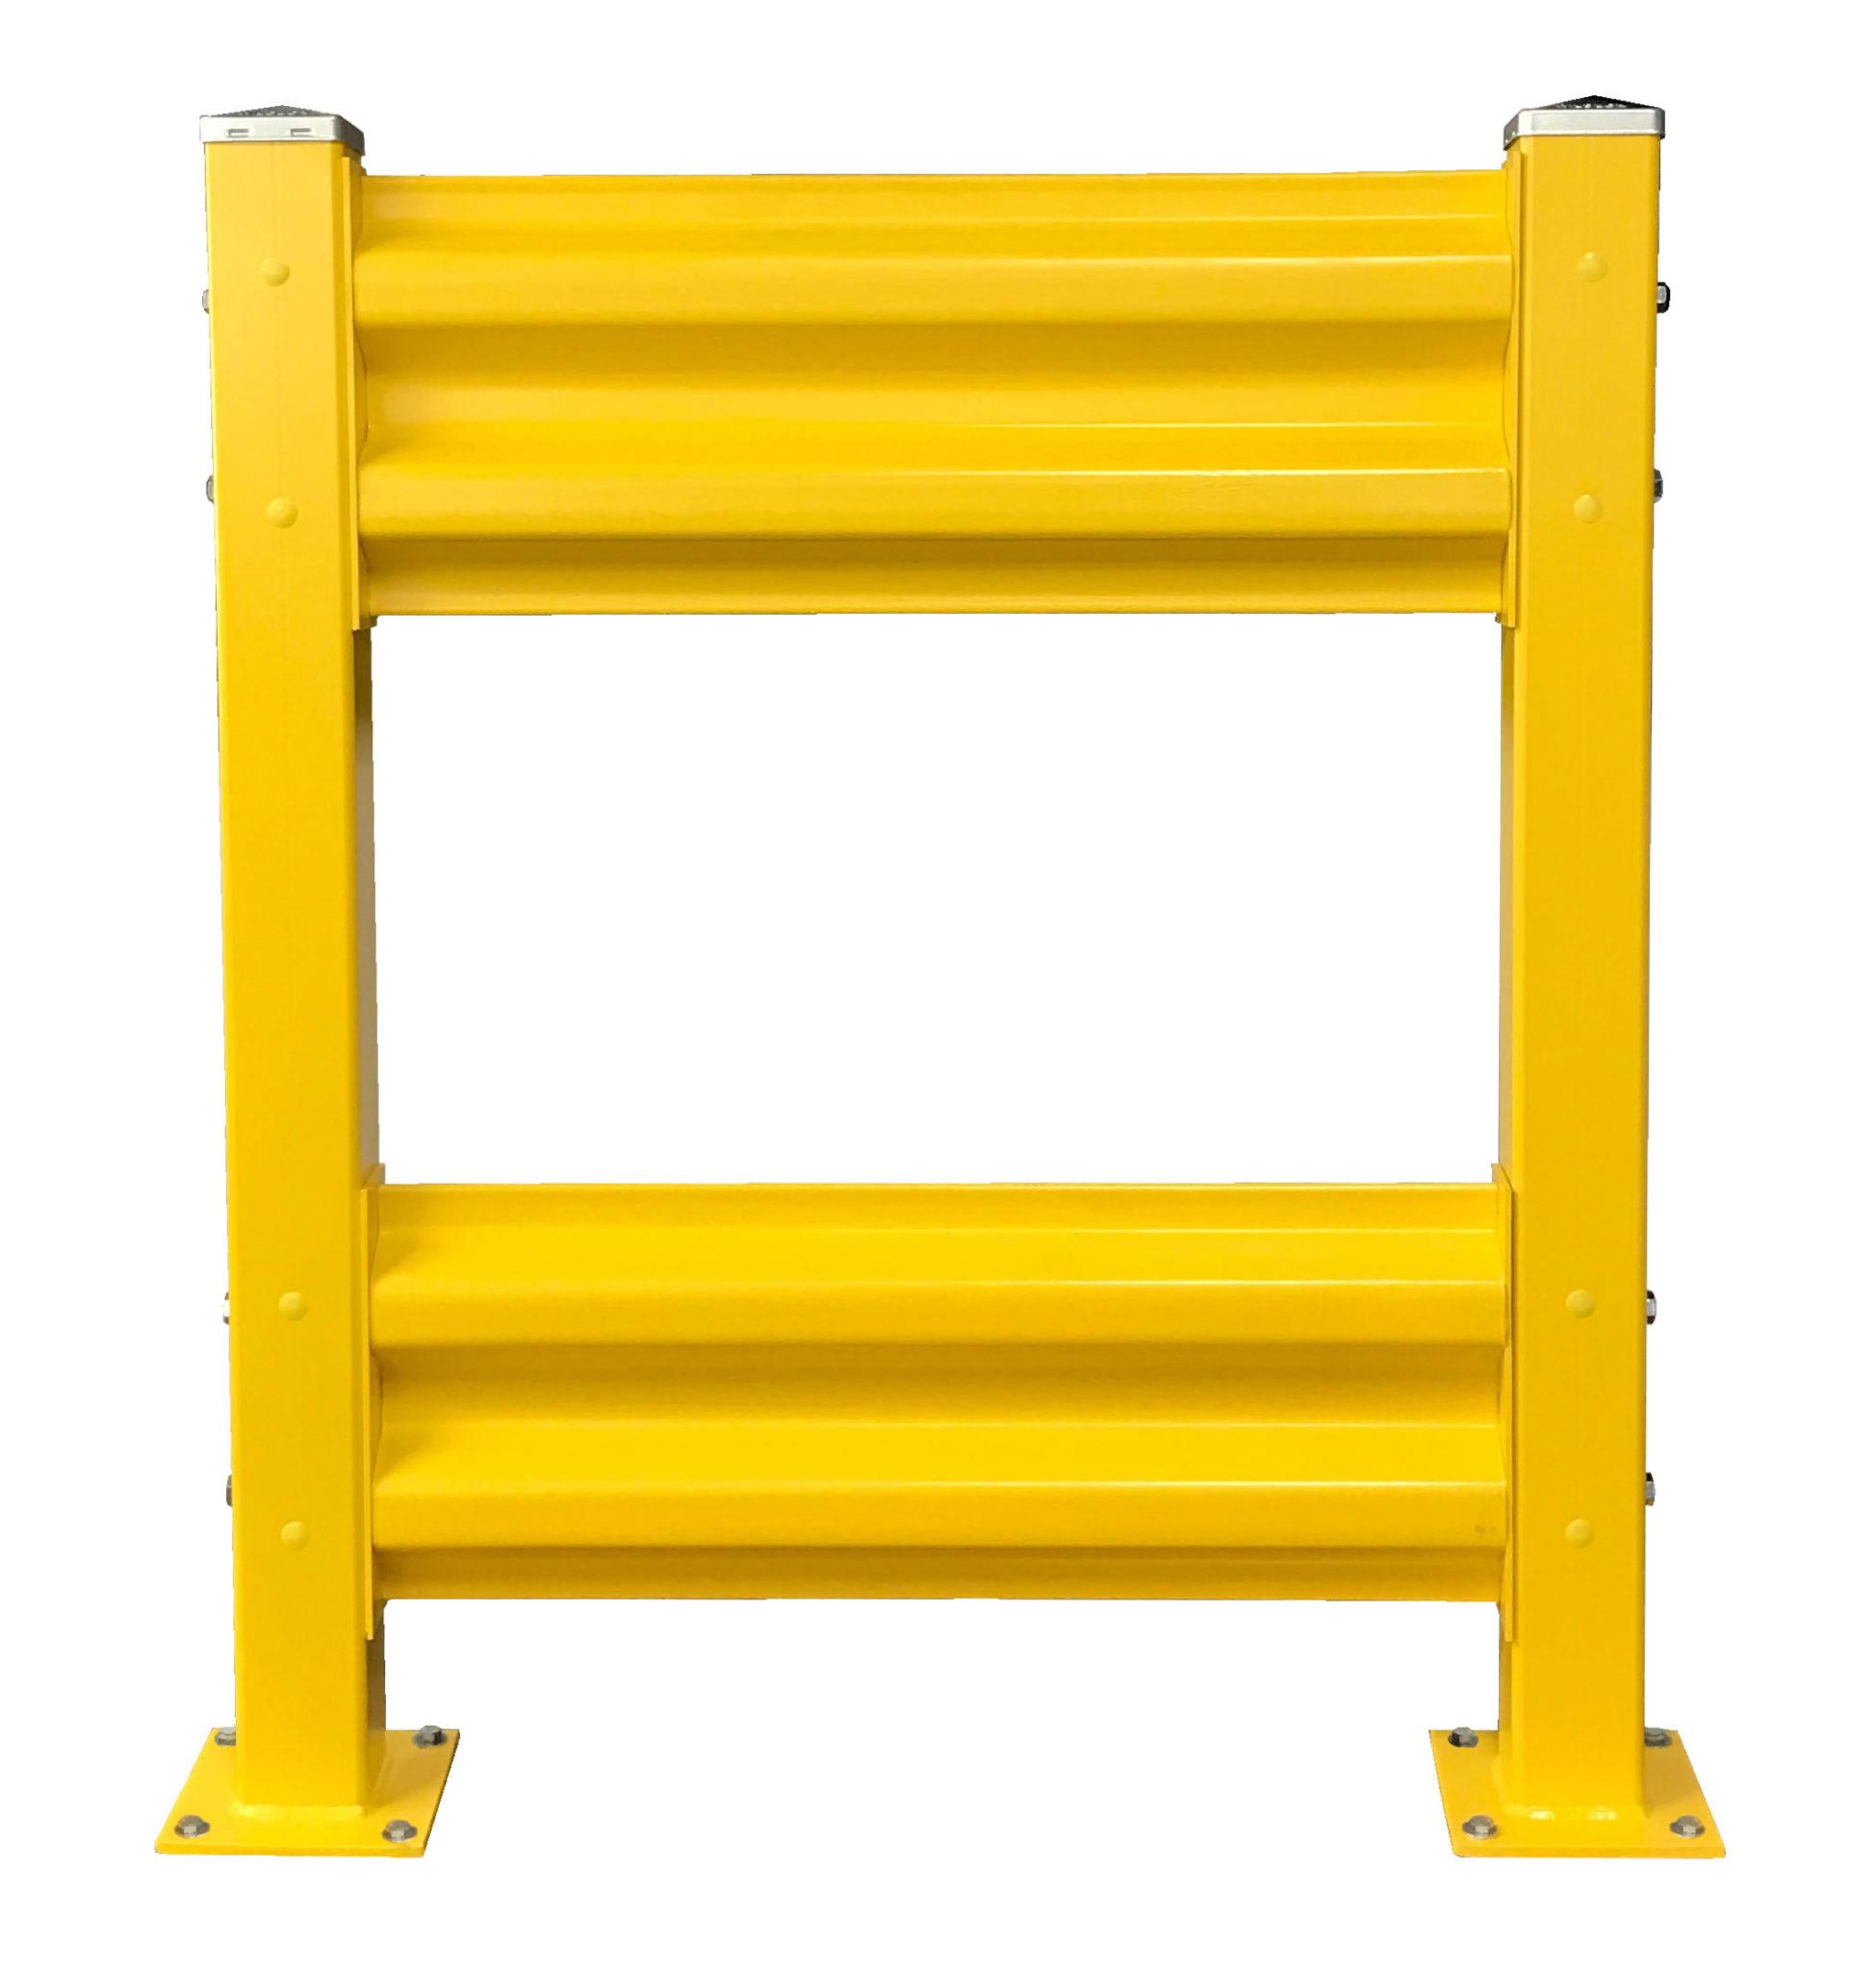 wilgard-LT-guard-rail